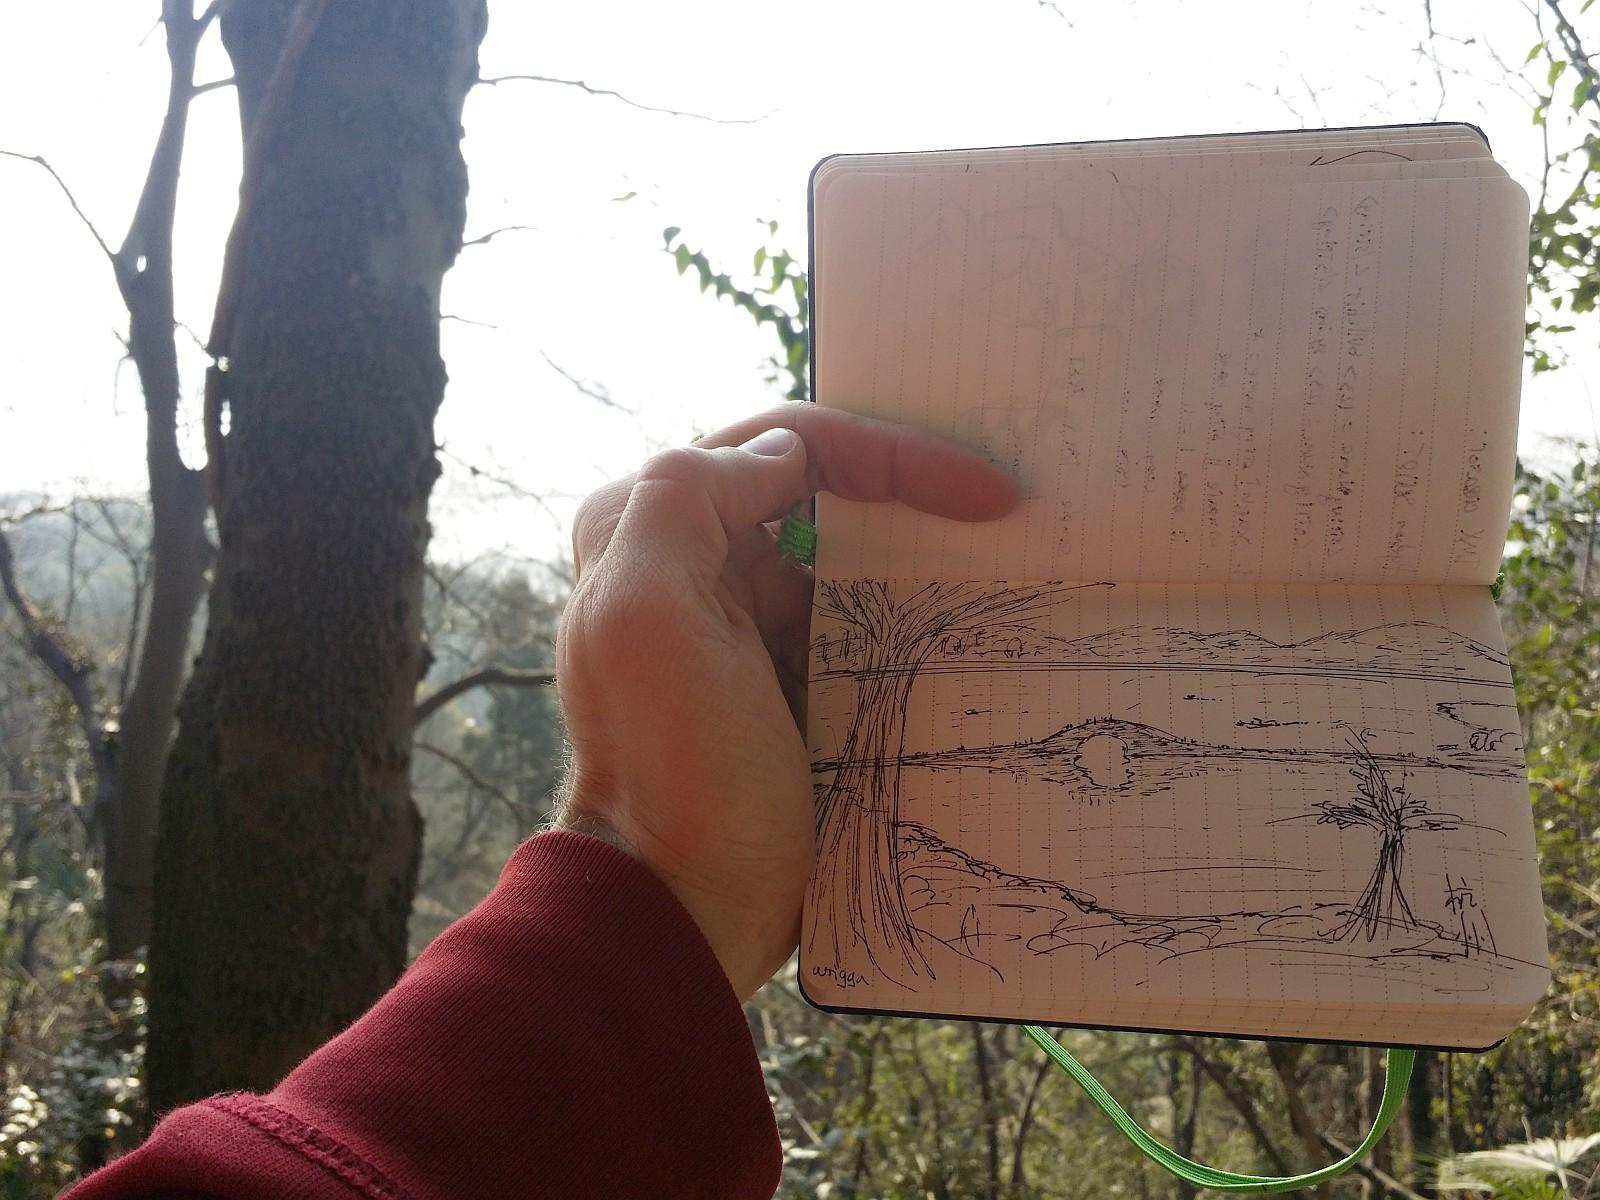 Xihu doodling